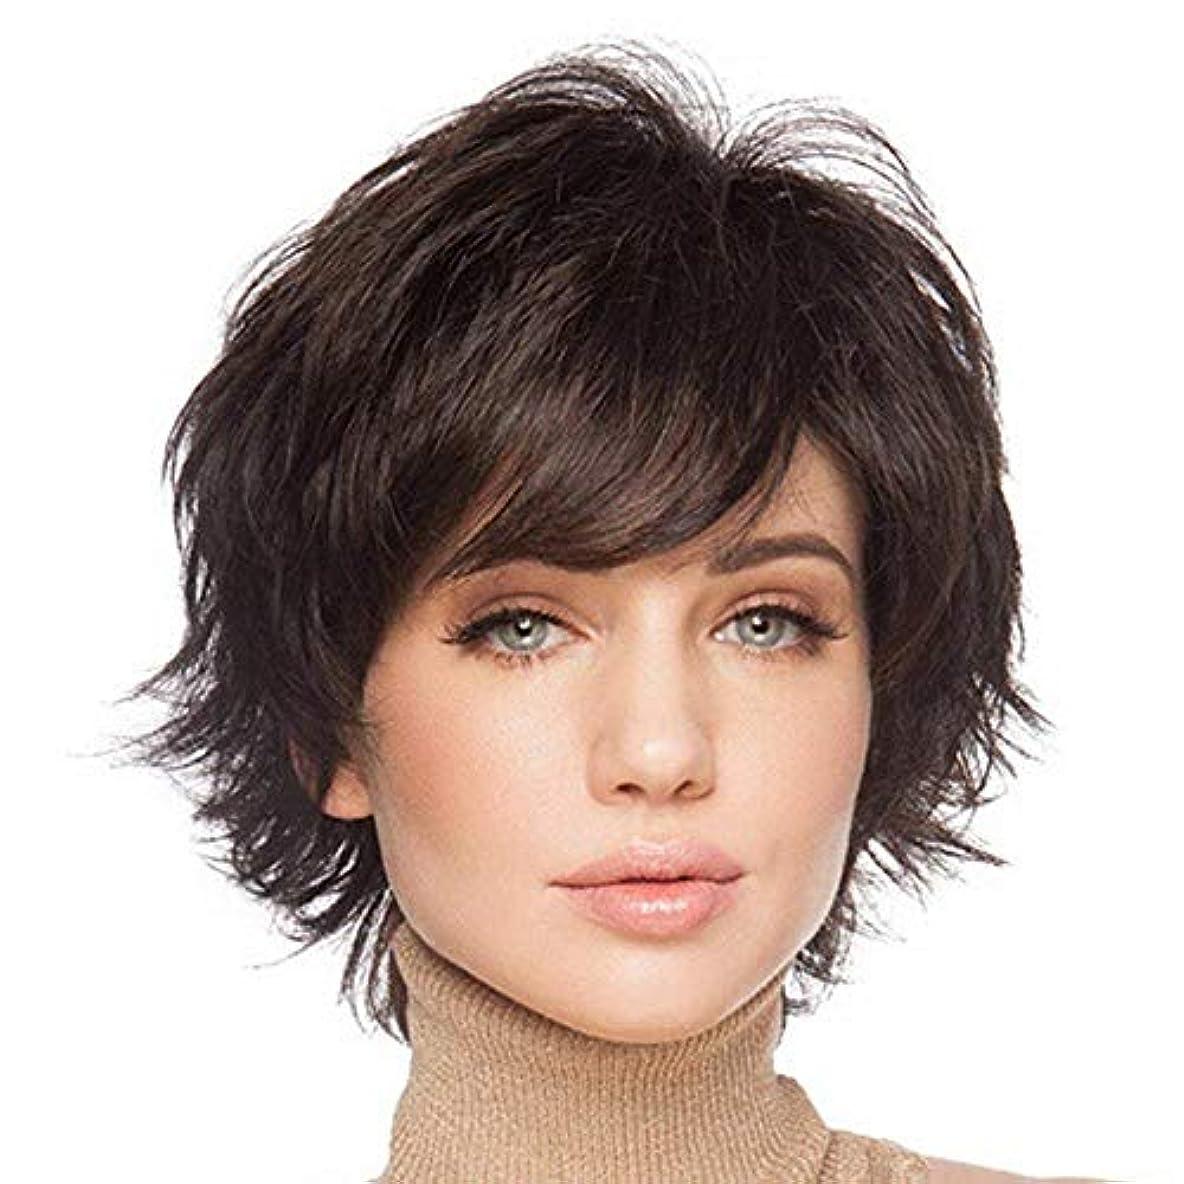 前髪の自然な人間の髪の毛のかつらを持つ女性のためのHAIRCUBEショートヘアウィッグ